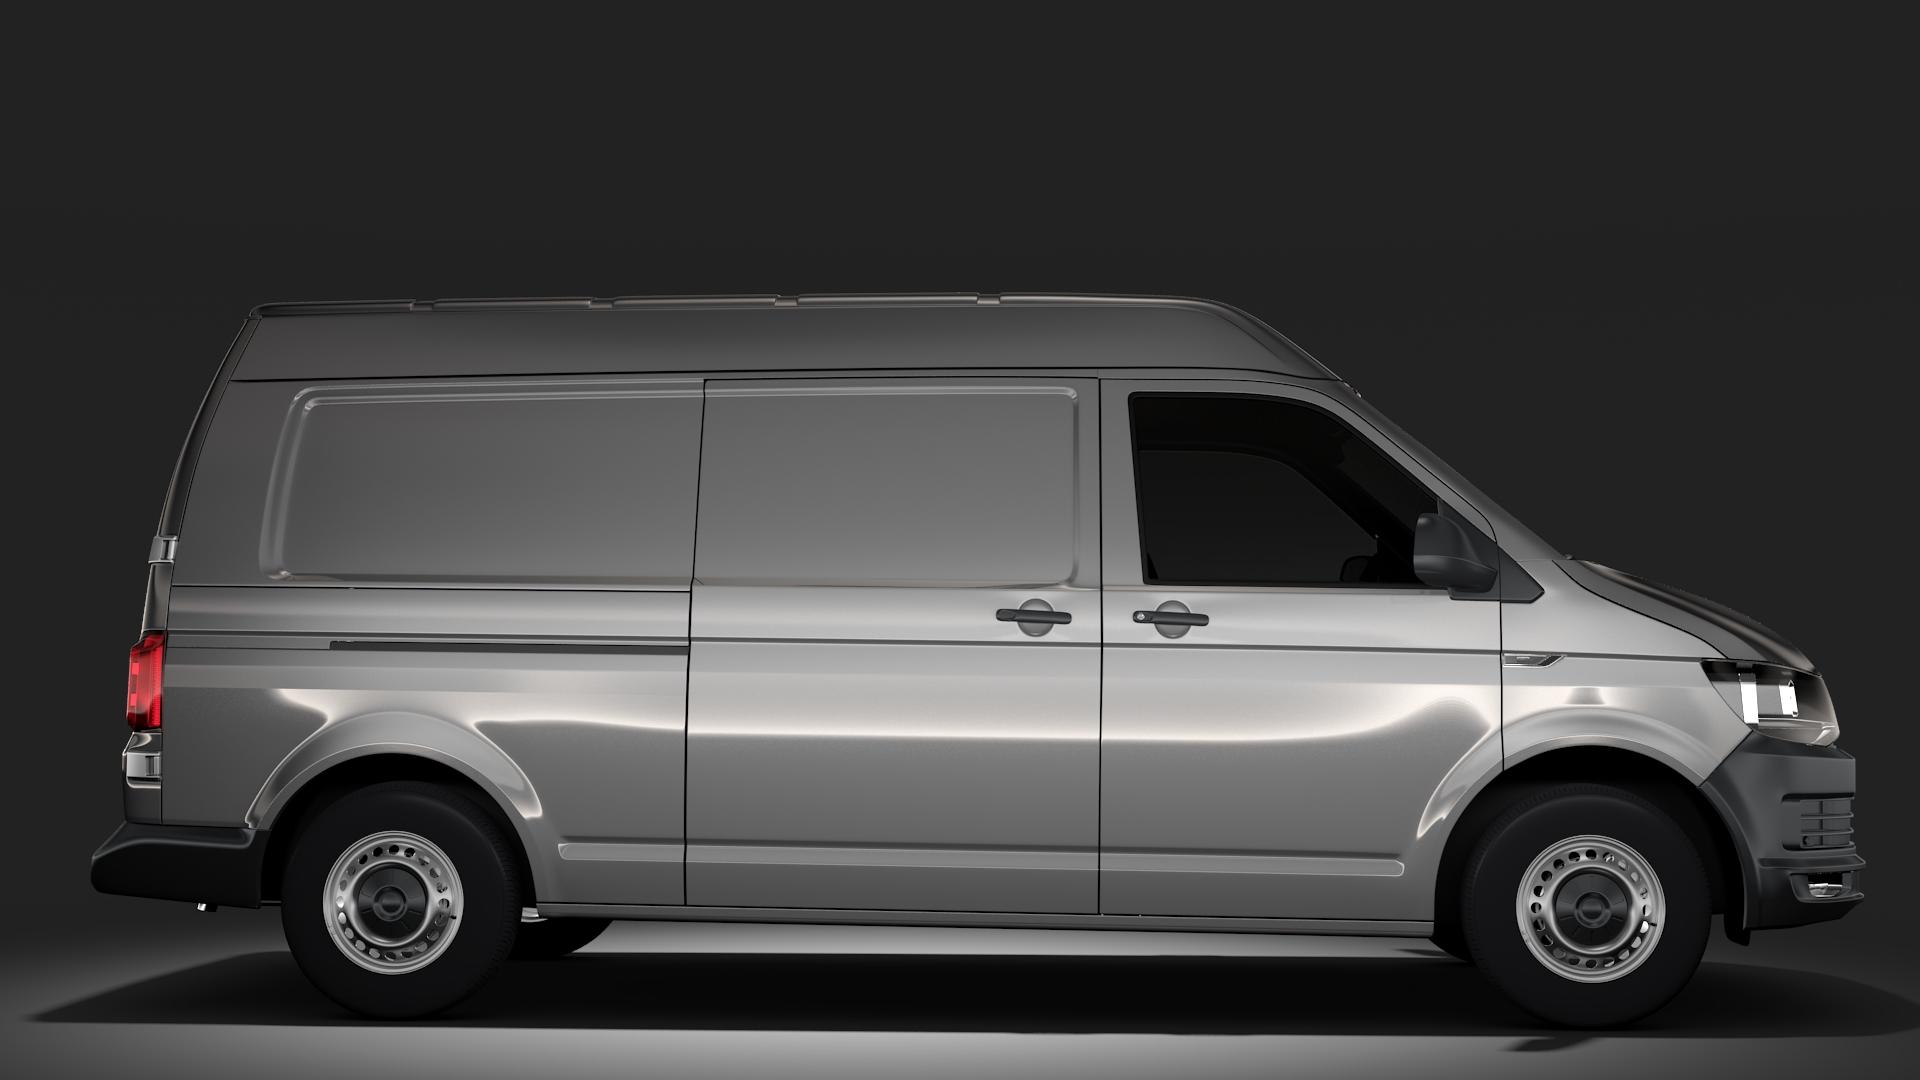 volkswagen nəqliyyat vasitəsi van l2h2 t6 2017 3d model max fbx c4d lwo ma mb hrc xsi obj 275267